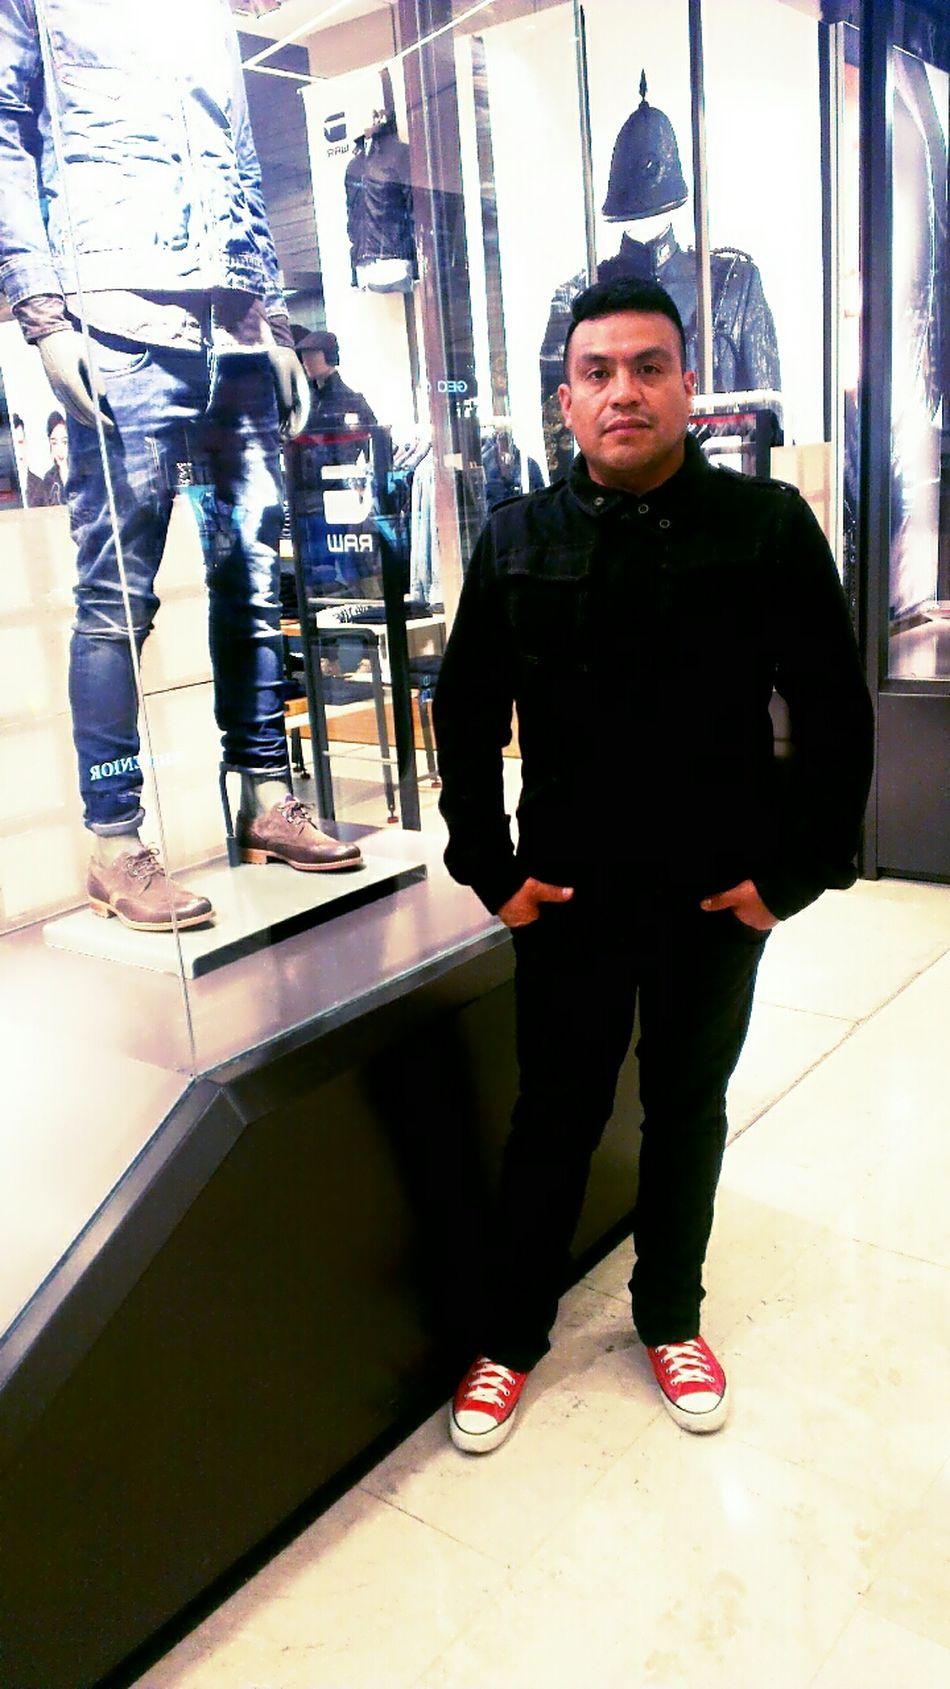 Shopping Gstar RAW Street Fashion G Star Raw Model Fotografia De Moda